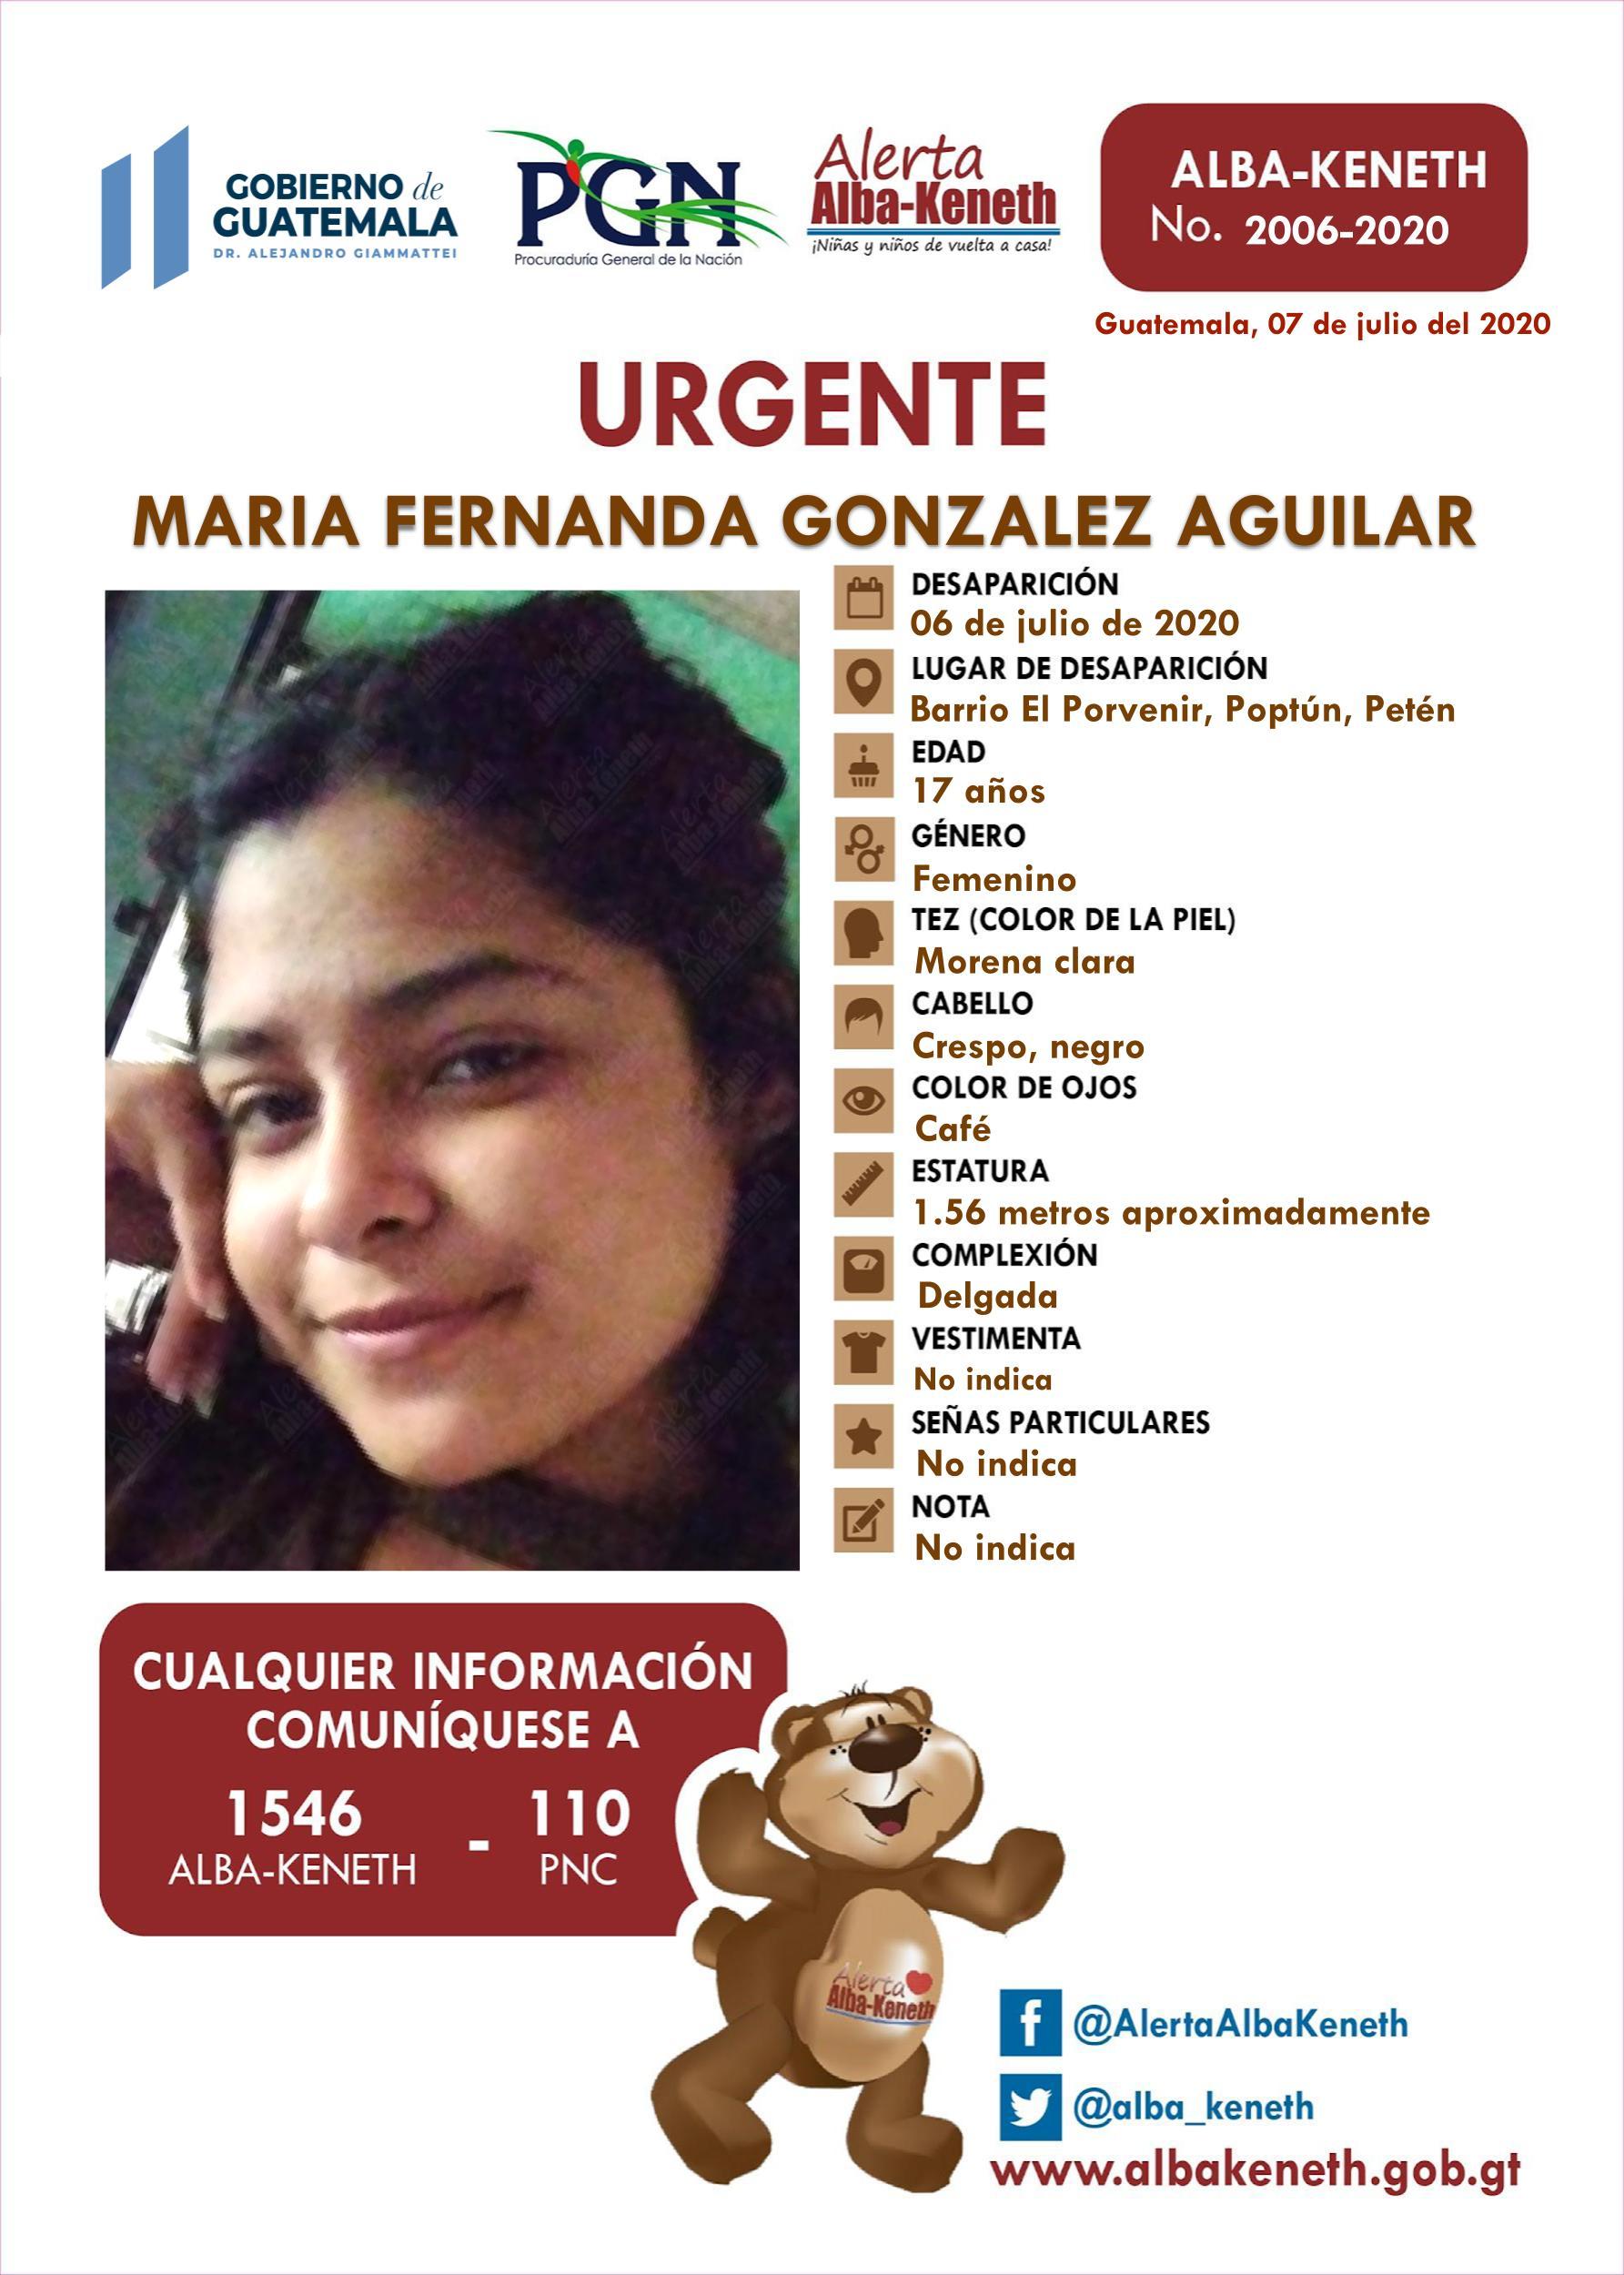 Maria Fernanda Gonzalez Aguilar